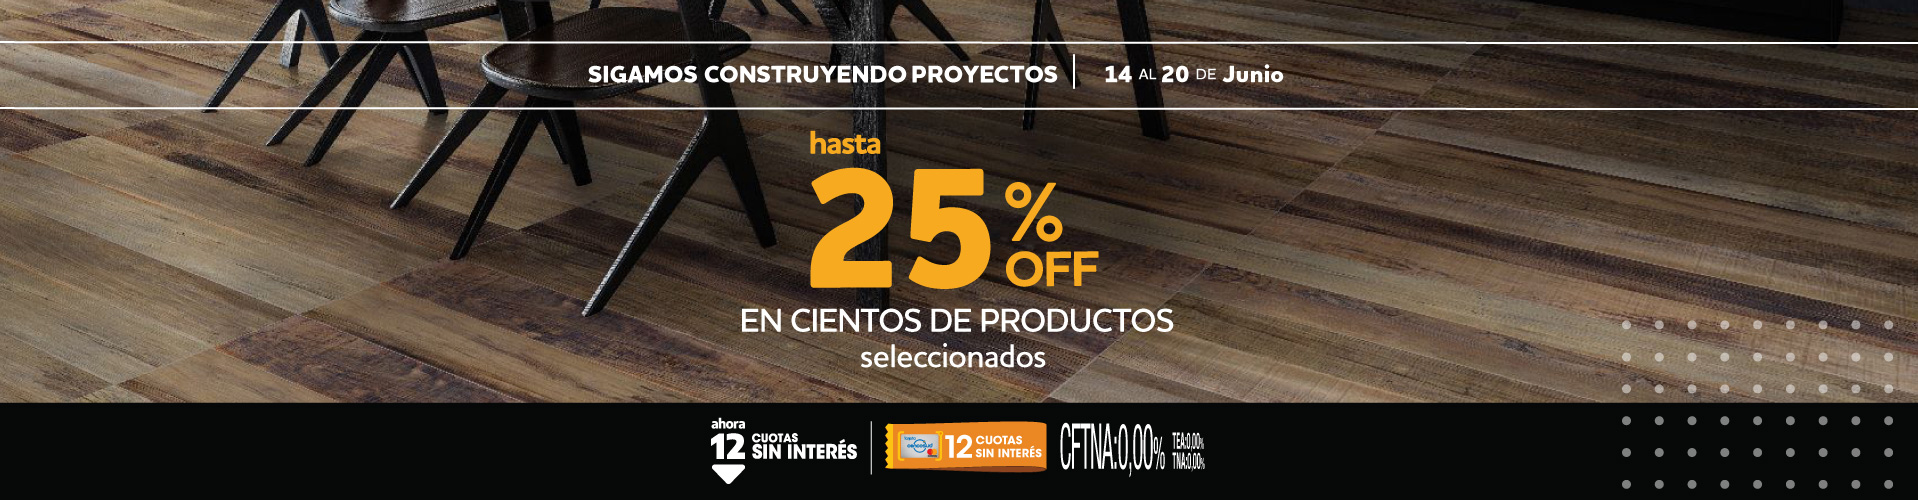 TIENDA + WEB 14 al 20 Hasta 25% en cientos de productos